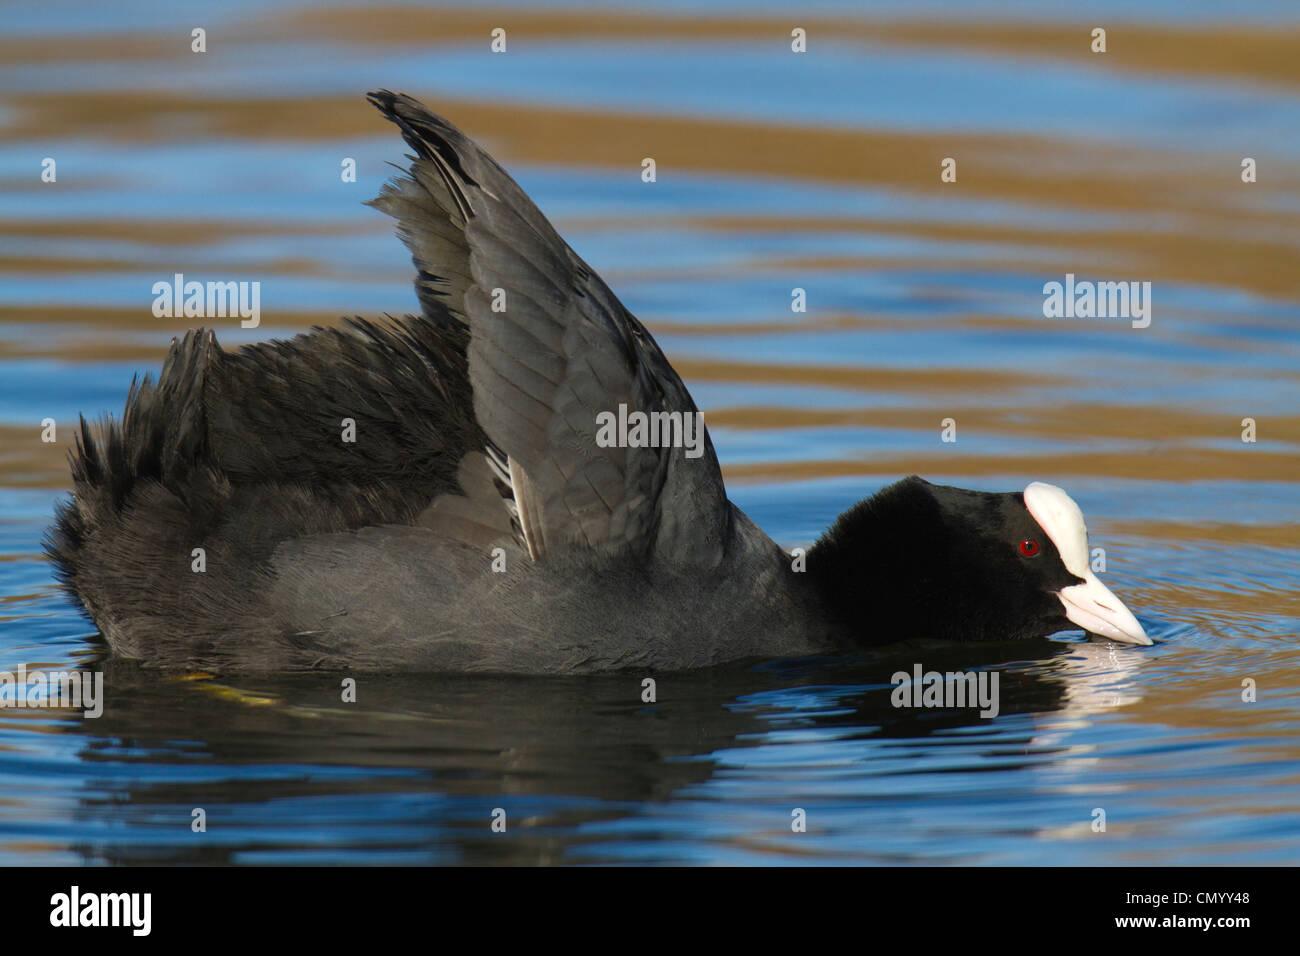 Eurasische Blässhuhn (Fulica Atra) mit Flügeln, aufgewachsen in Gefahr-Anzeige Stockbild